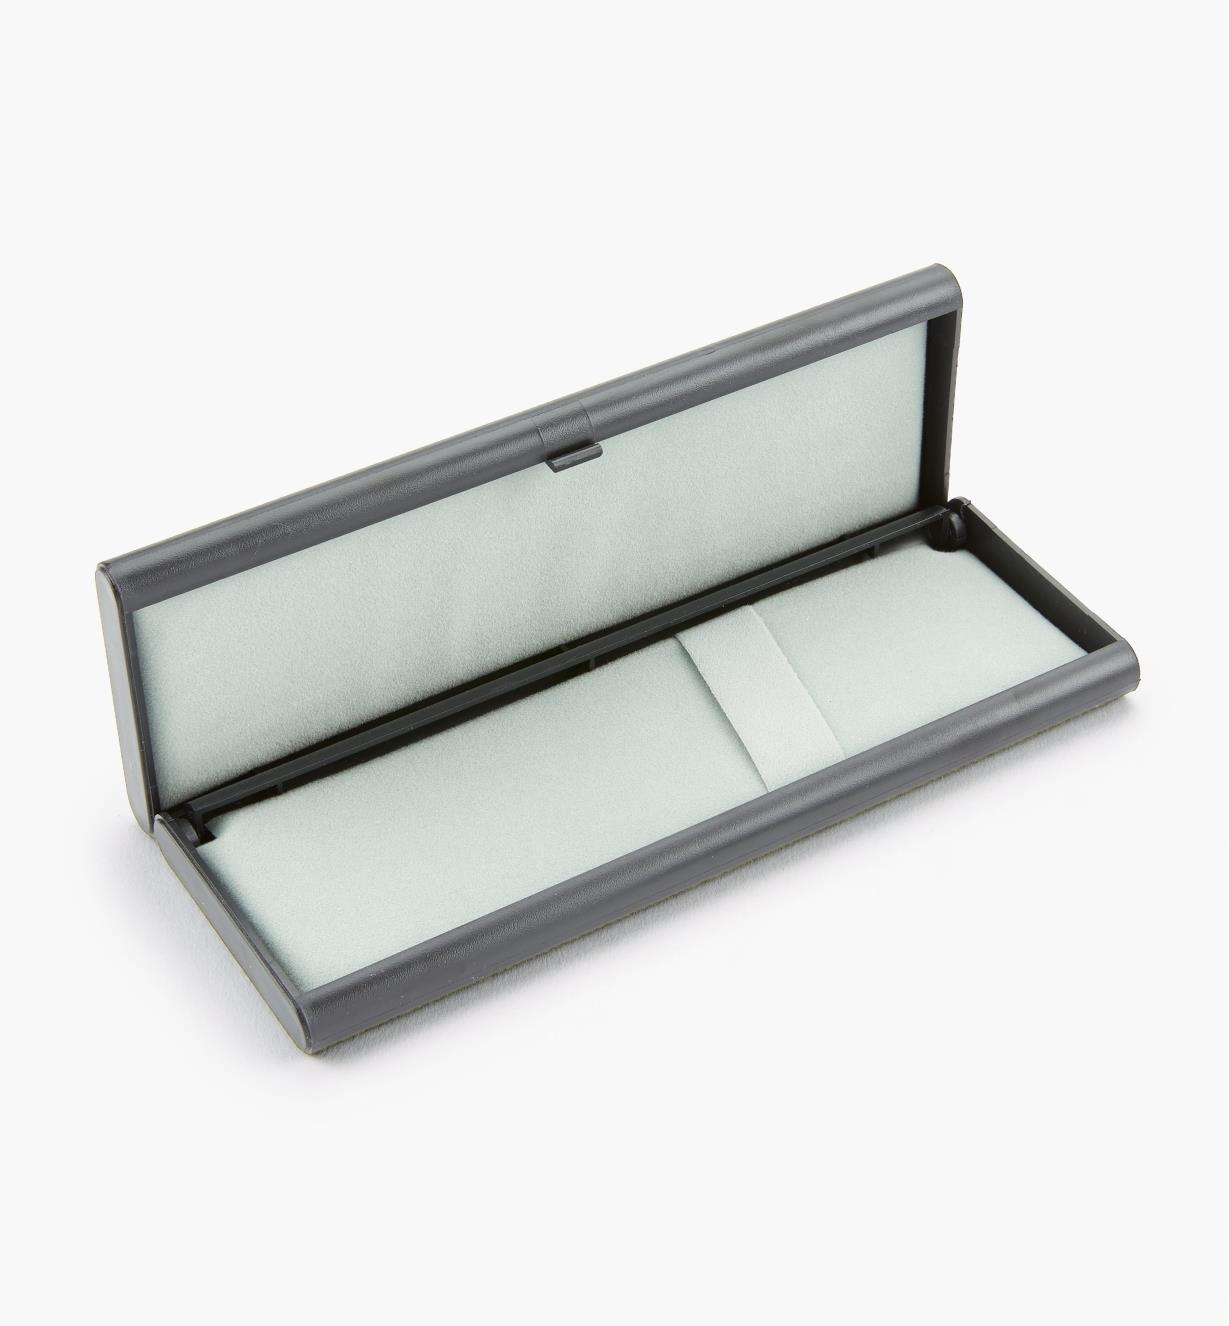 88K7402 - Plastic/Felt Case